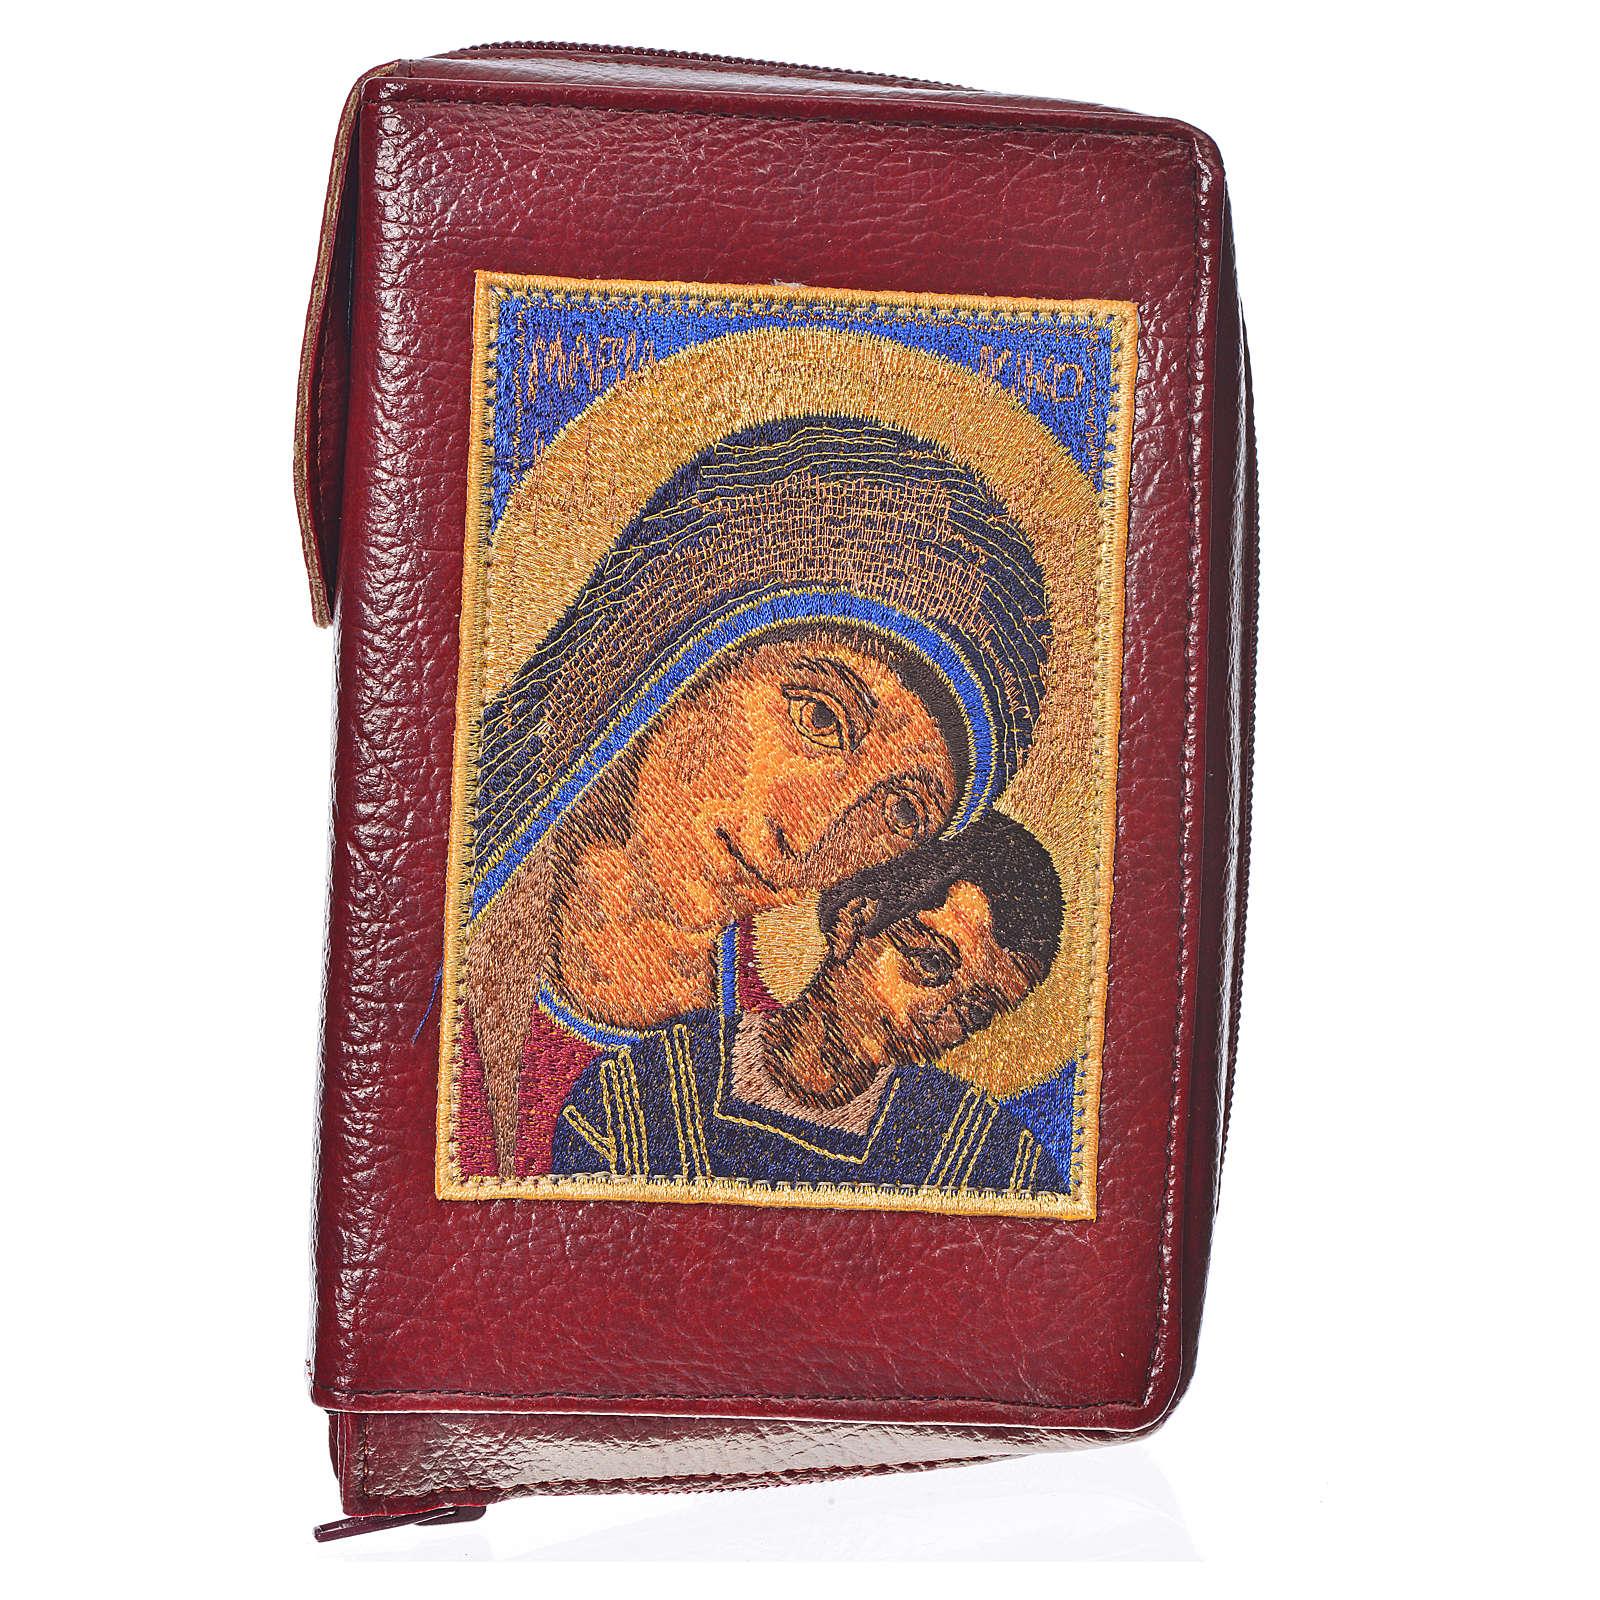 Funda Biblia Jerusalén Letras Grandes ESPAÑA bordeaux simil cuero  Virgen de Kiko 4